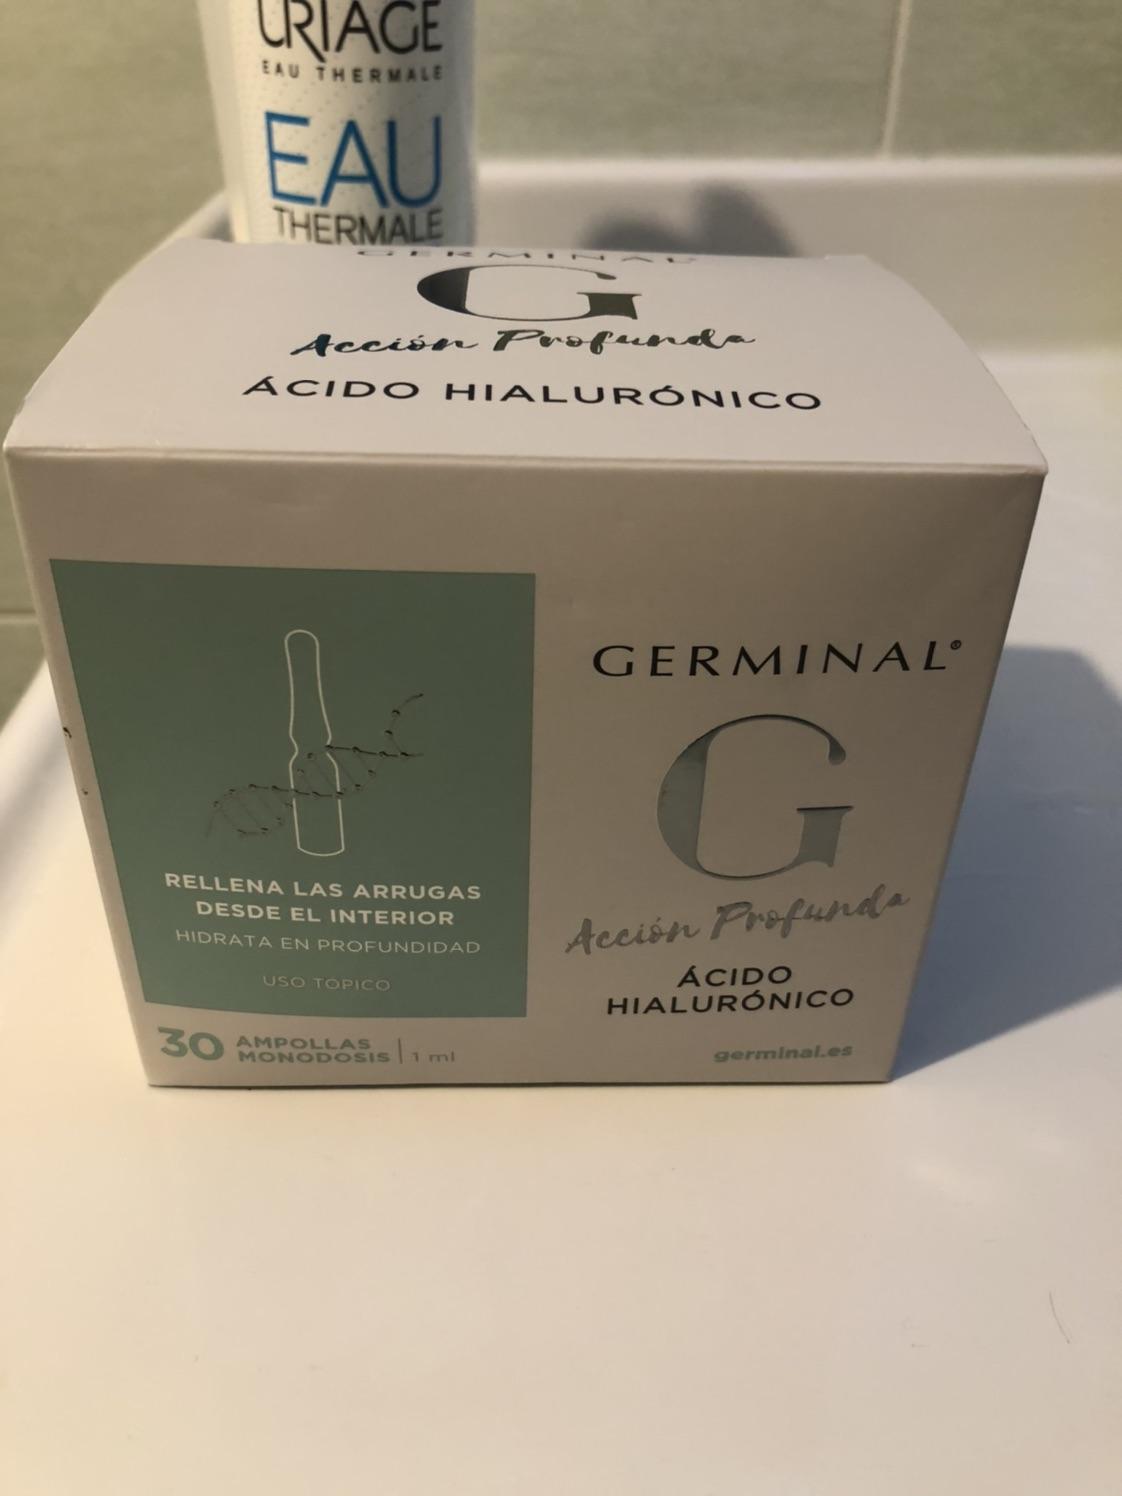 拔草和吐槽西班牙Germinal玻尿酸安瓶